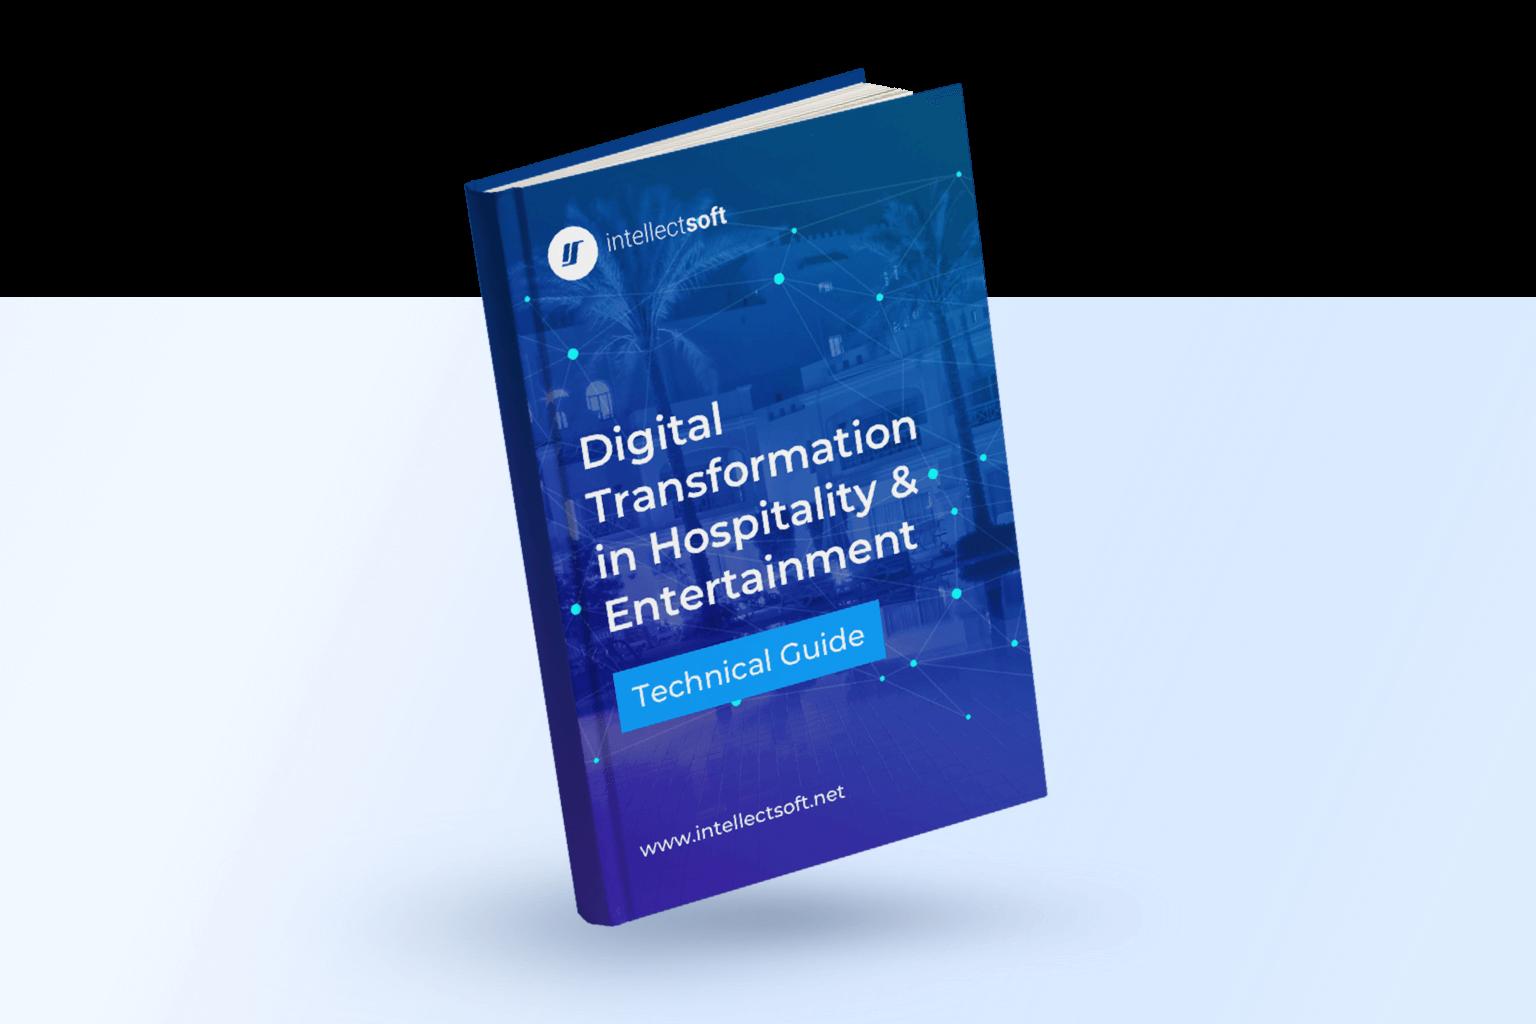 Digital Transformation in Hospitality Ebook